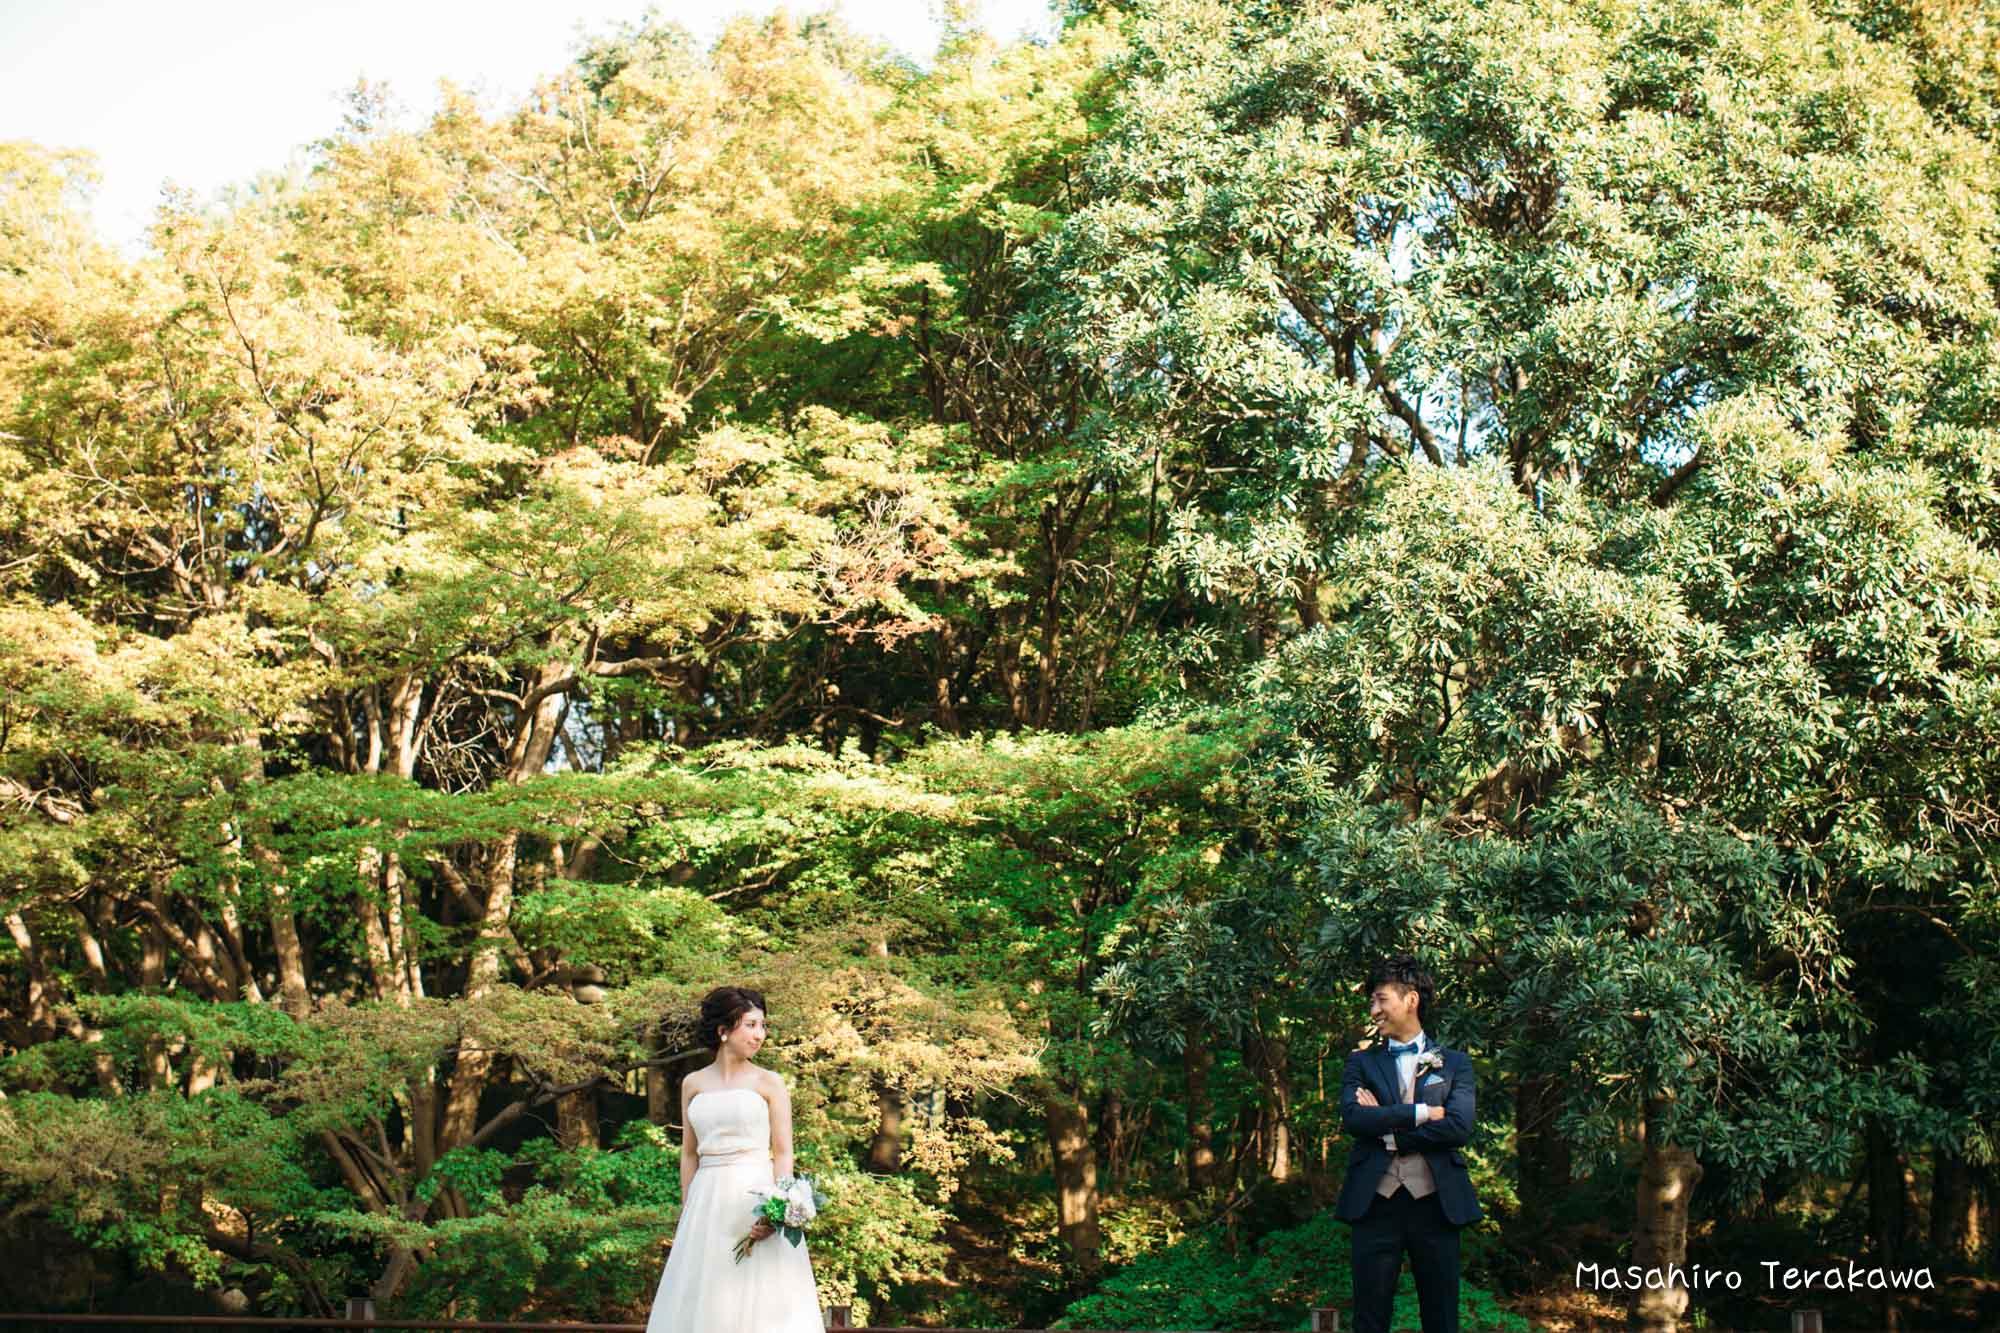 【大阪】鶴見緑地公園で結婚式の和装・洋装前撮り8